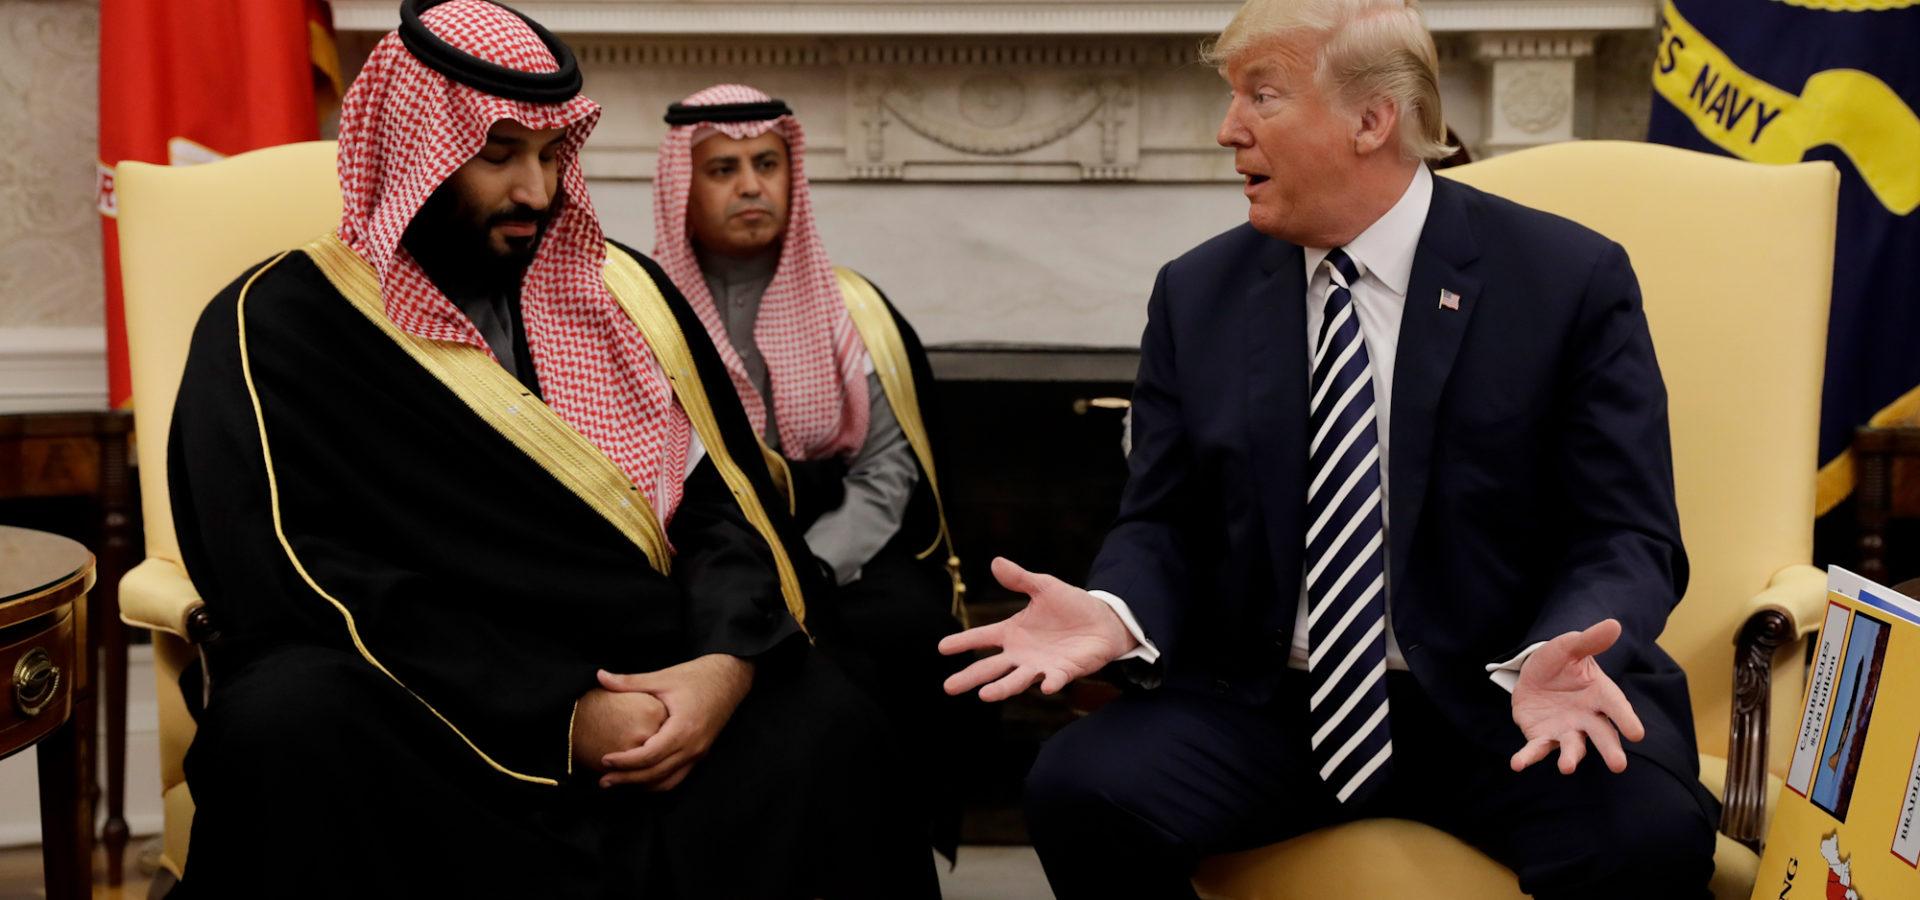 دونالد ترامب، الرئيس الأمريكي، مع الأمير محمد بن سلمان آل سعود، ولي العهد السعودي